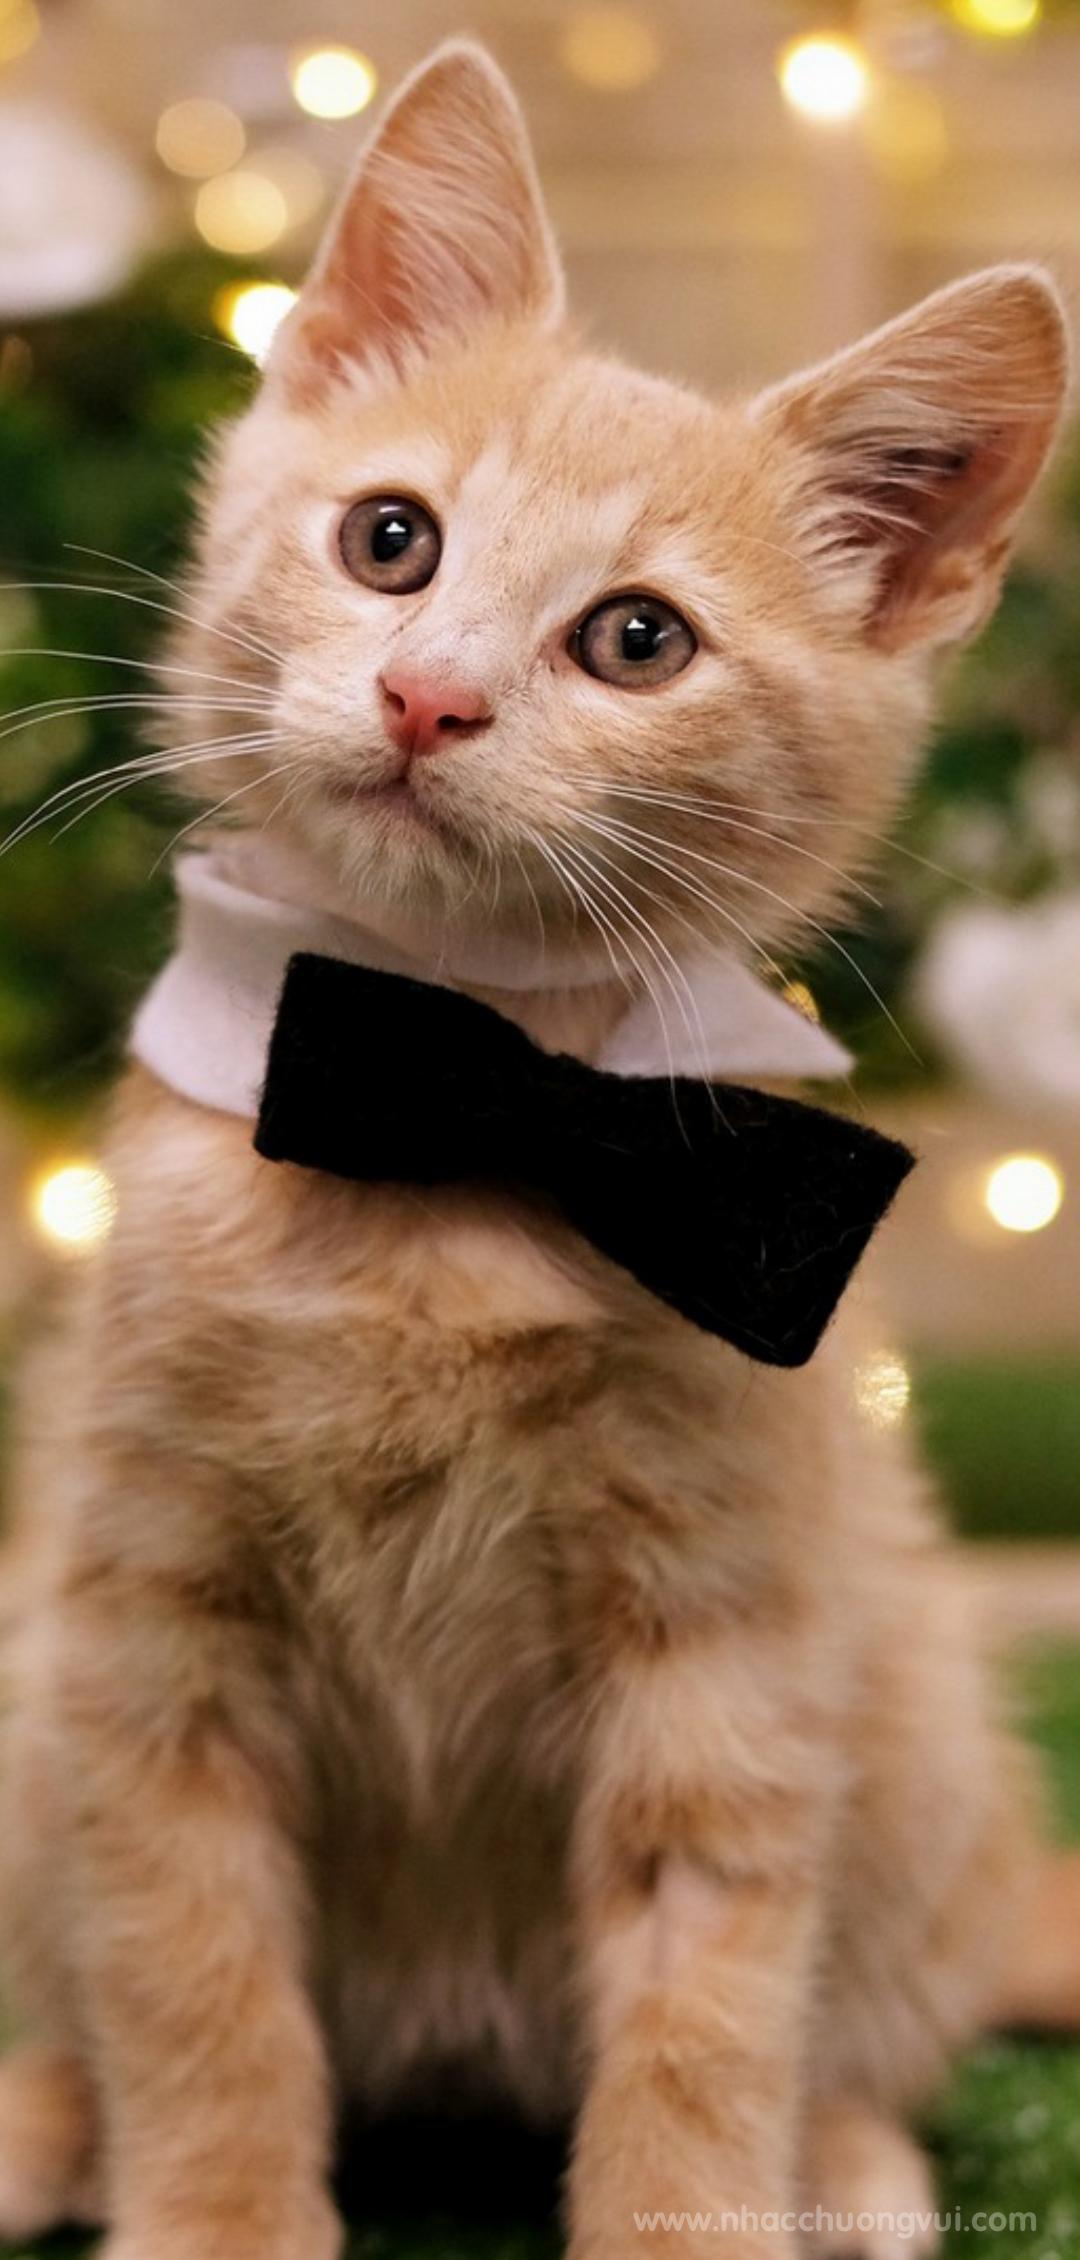 Hình nền mèo cho điện thoại dễ thương nhất 27